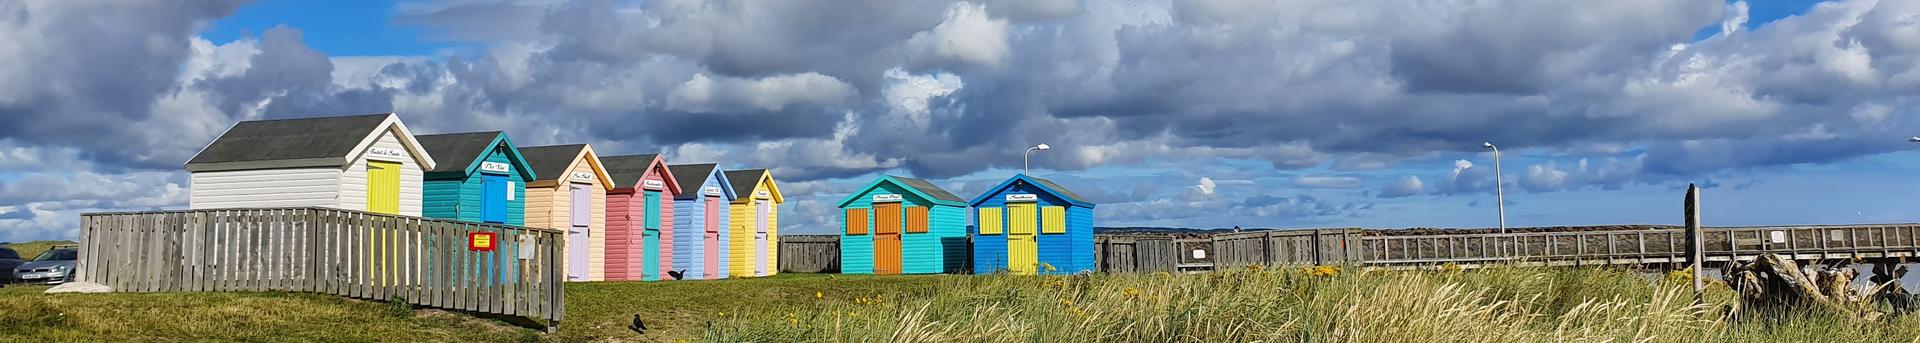 Beach huts at Amble, Northumberland